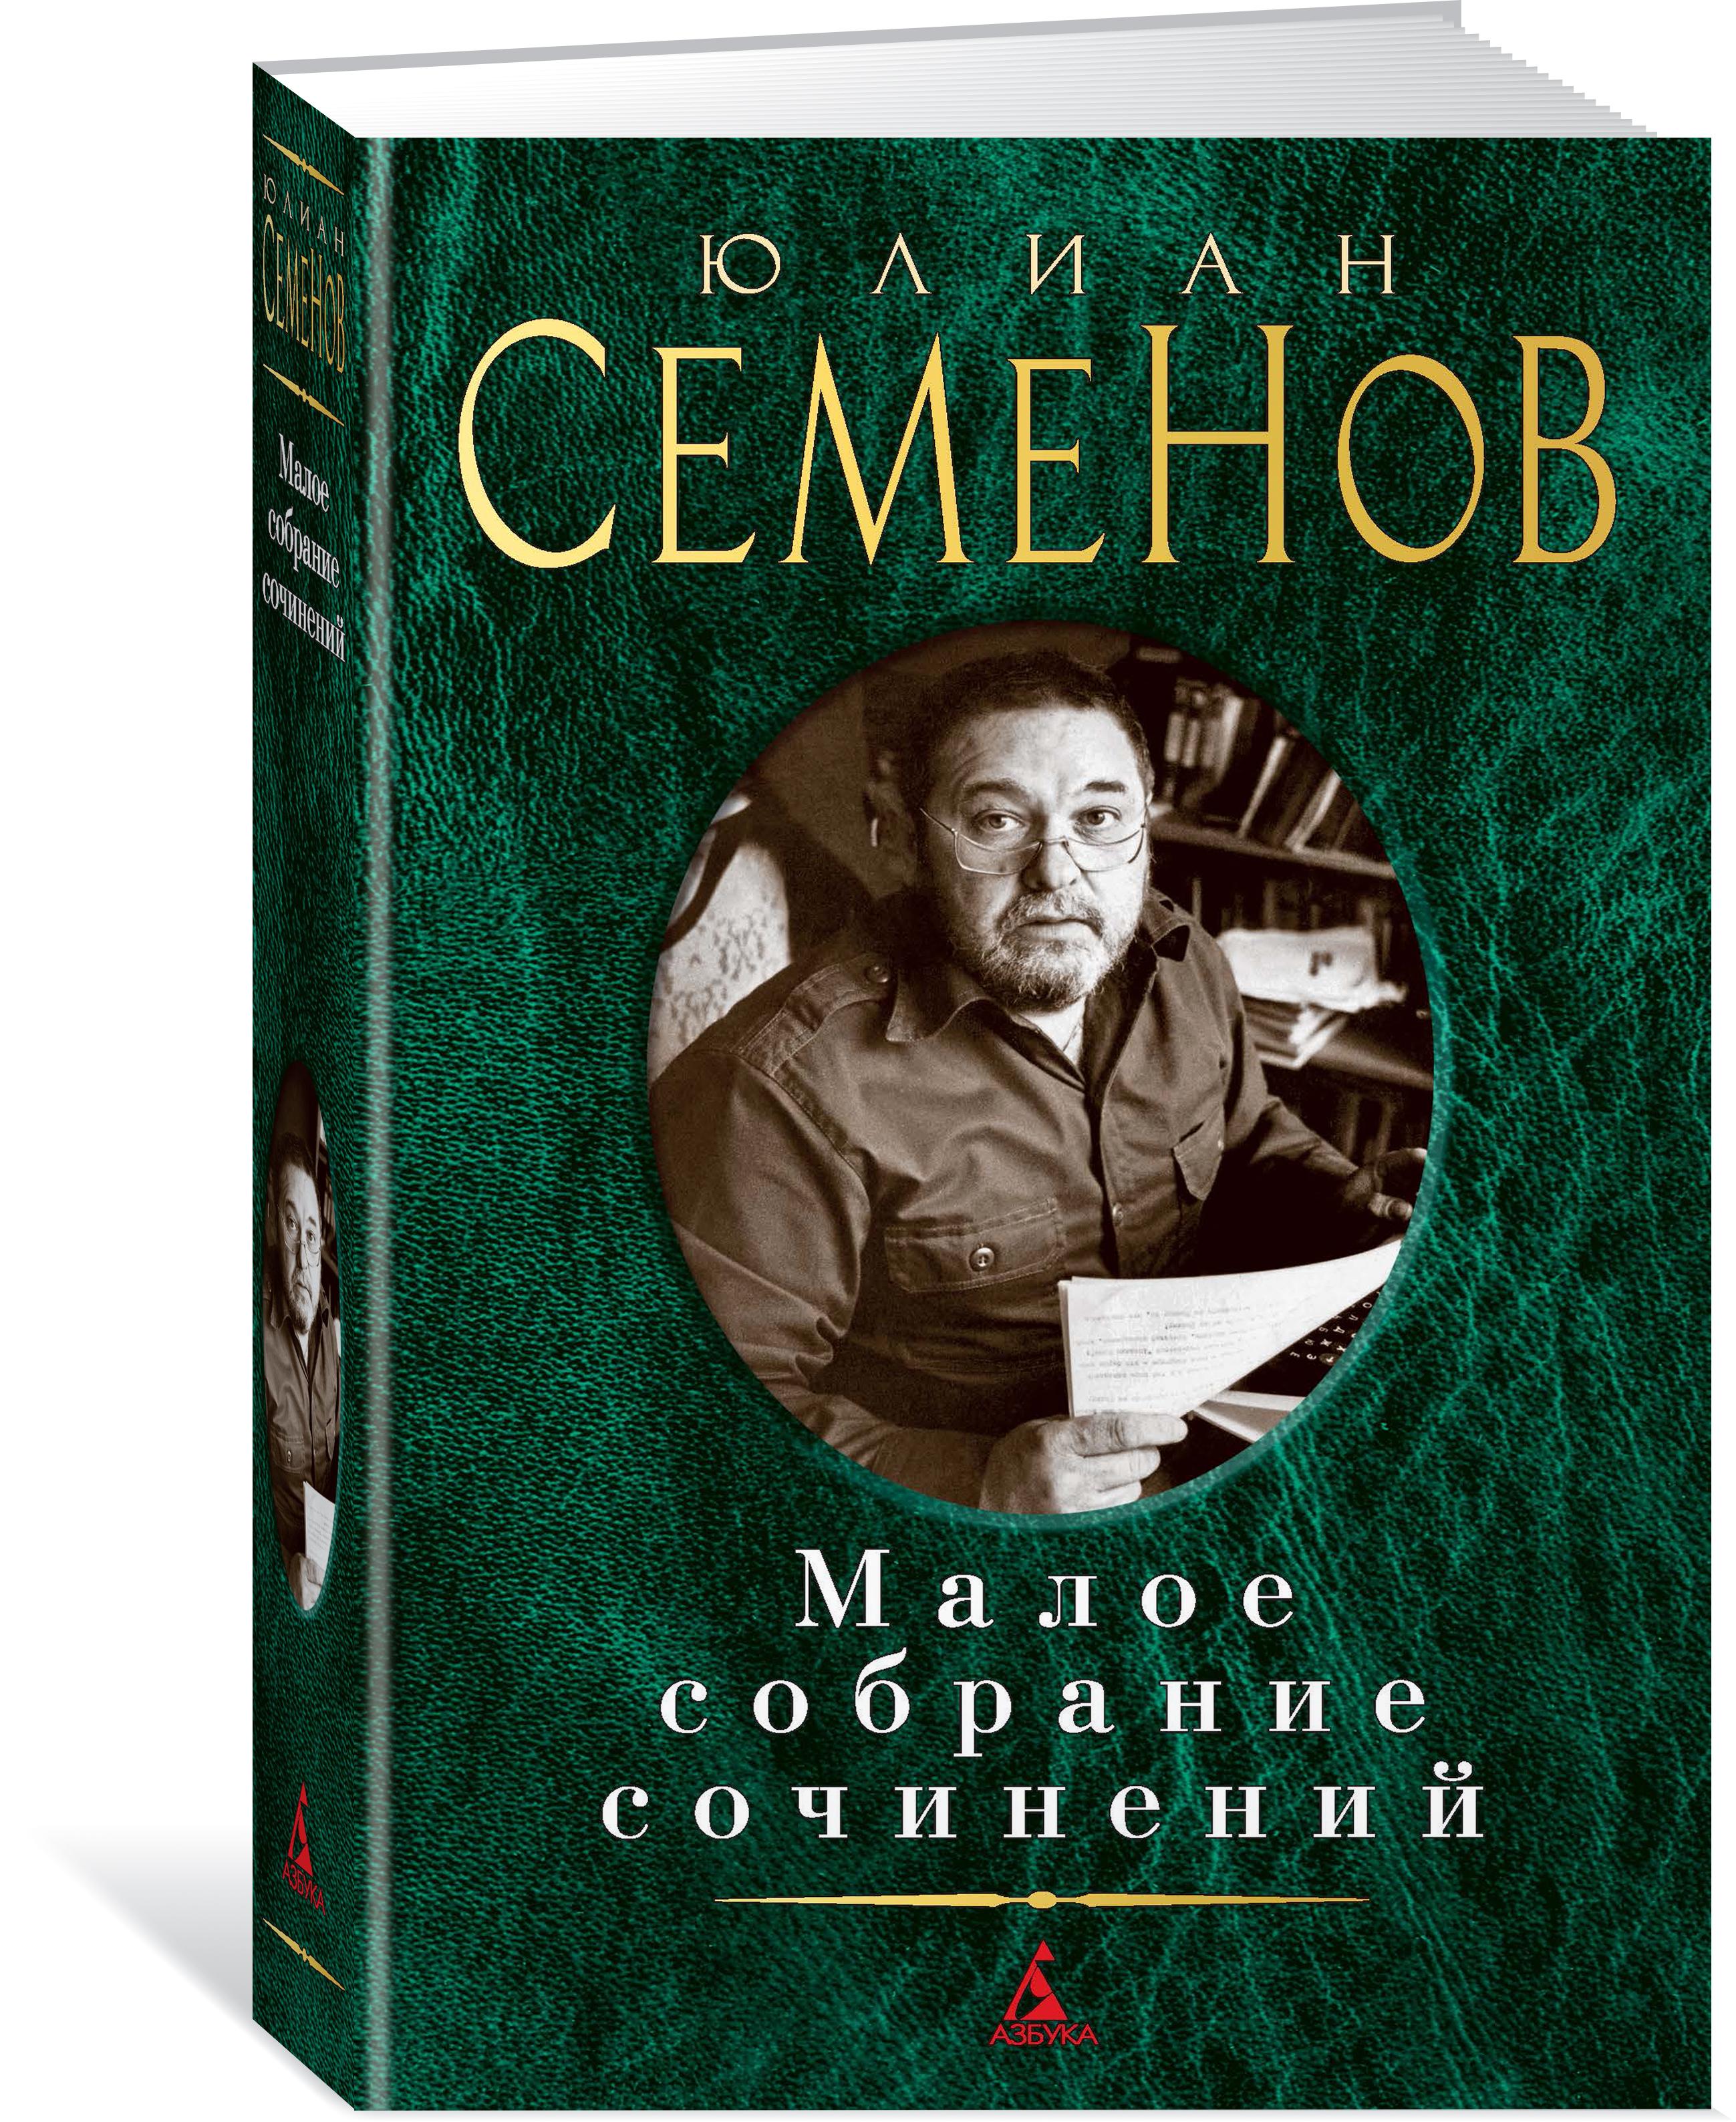 Малое собрание сочинений. Юлиан Семенов